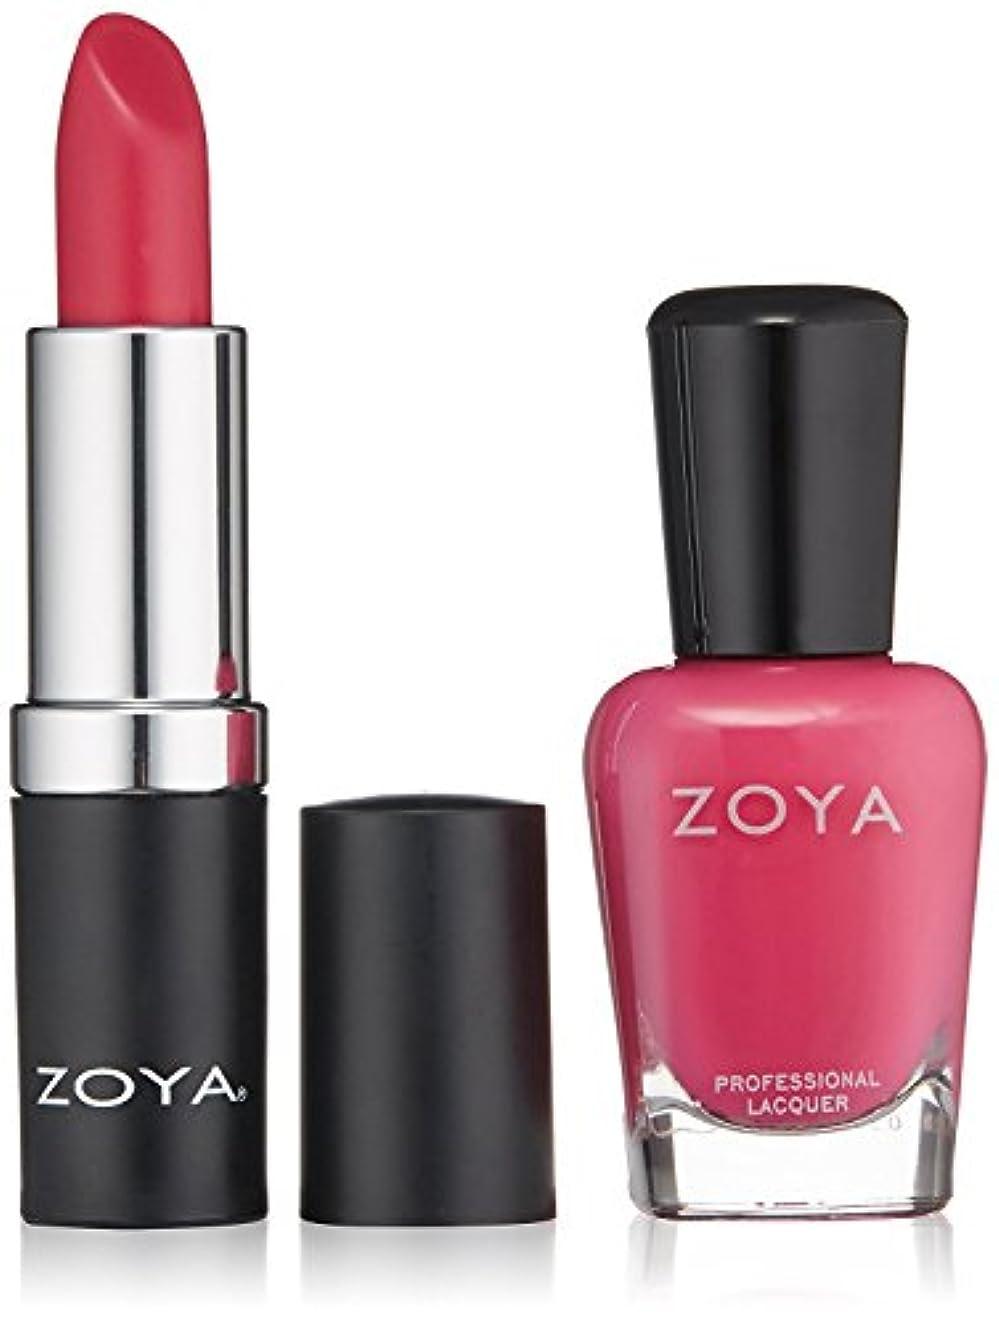 独立してミュウミュウ不名誉なZOYA Nail Polish Xo Lips & Tips Duo 1 fl. oz. [並行輸入品]